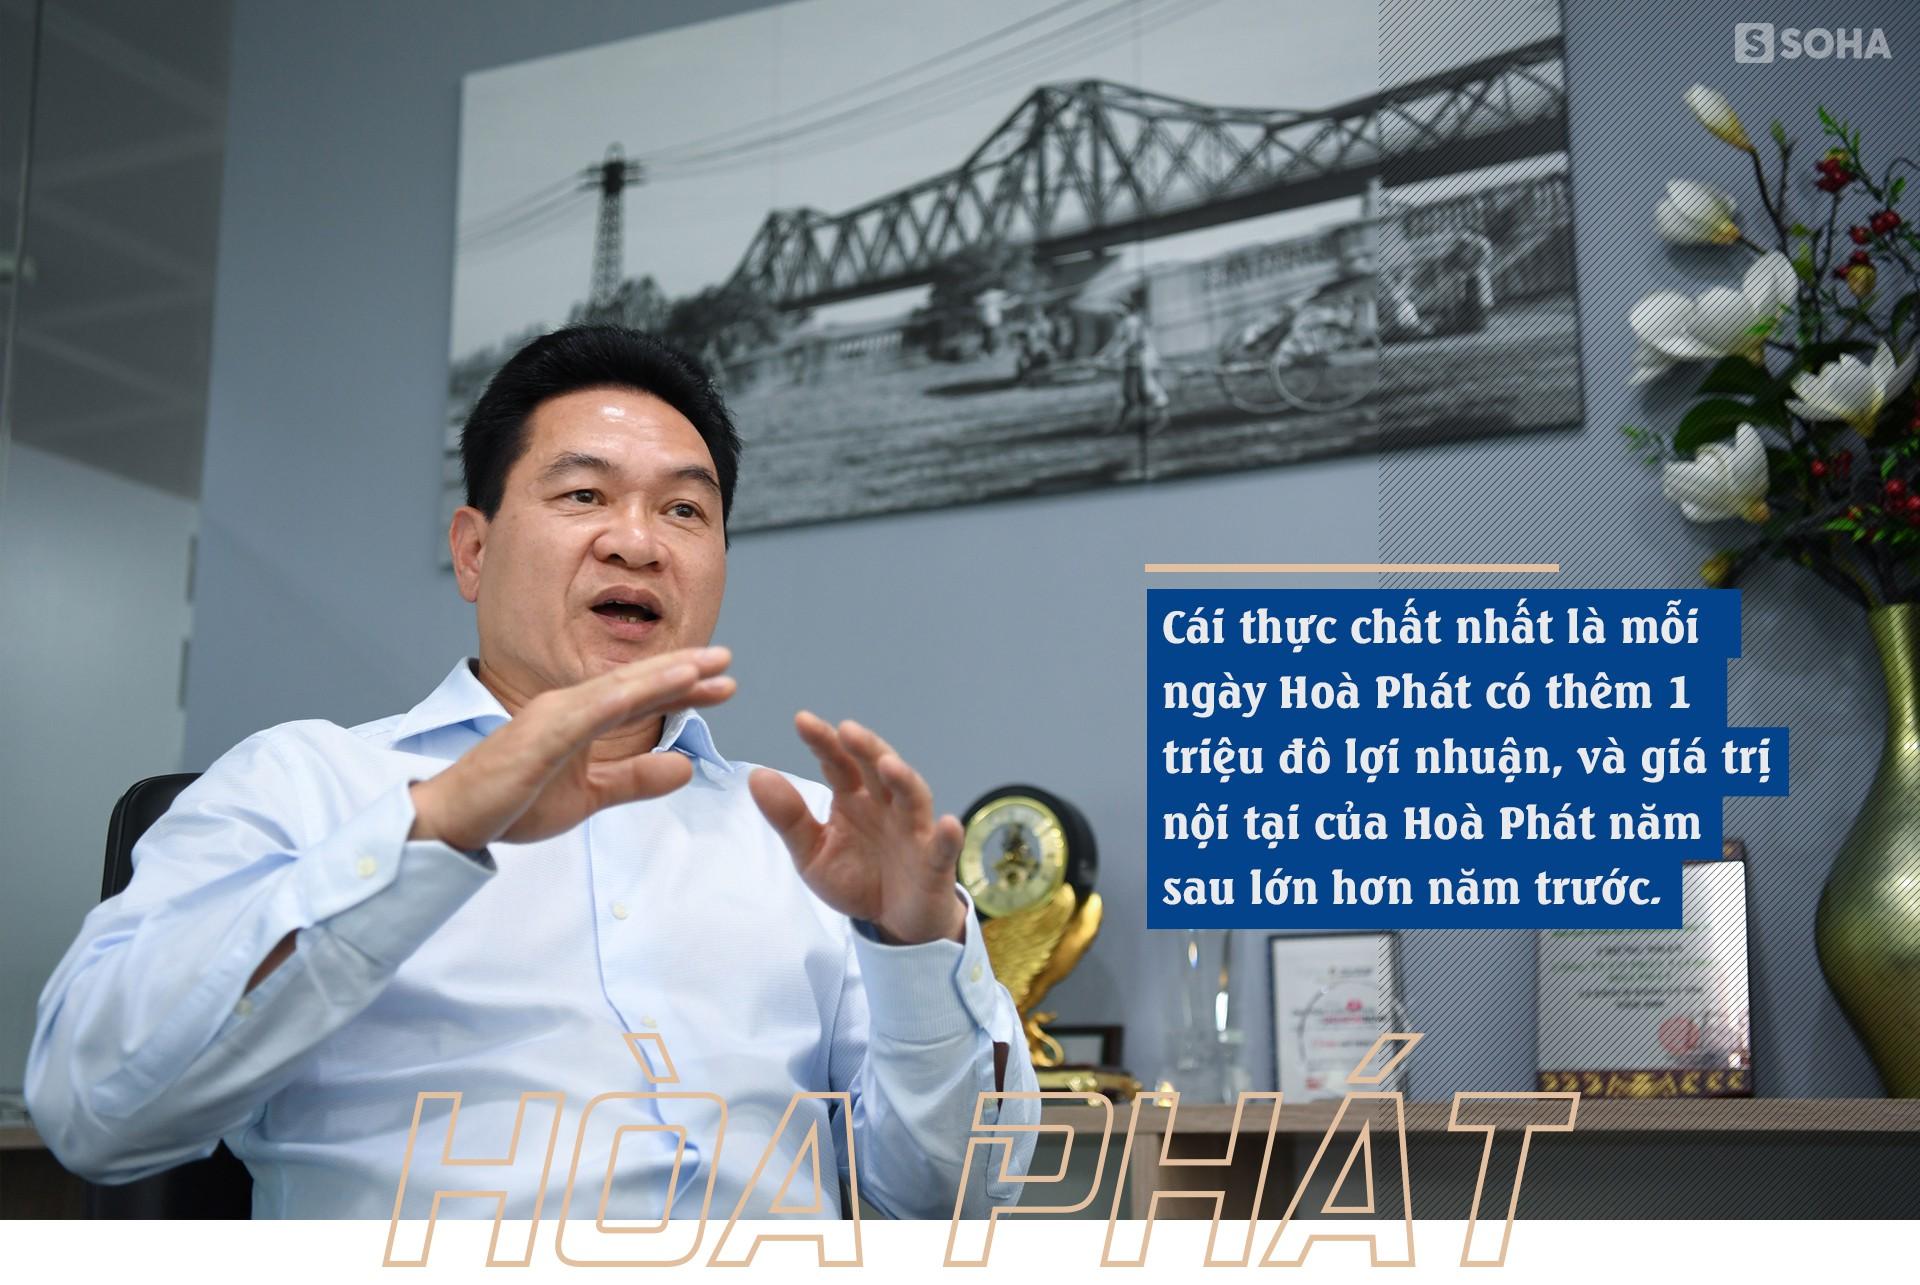 CEO Hòa Phát: Mỗi ngày, chúng tôi làm được 1 triệu USD - Ảnh 10.